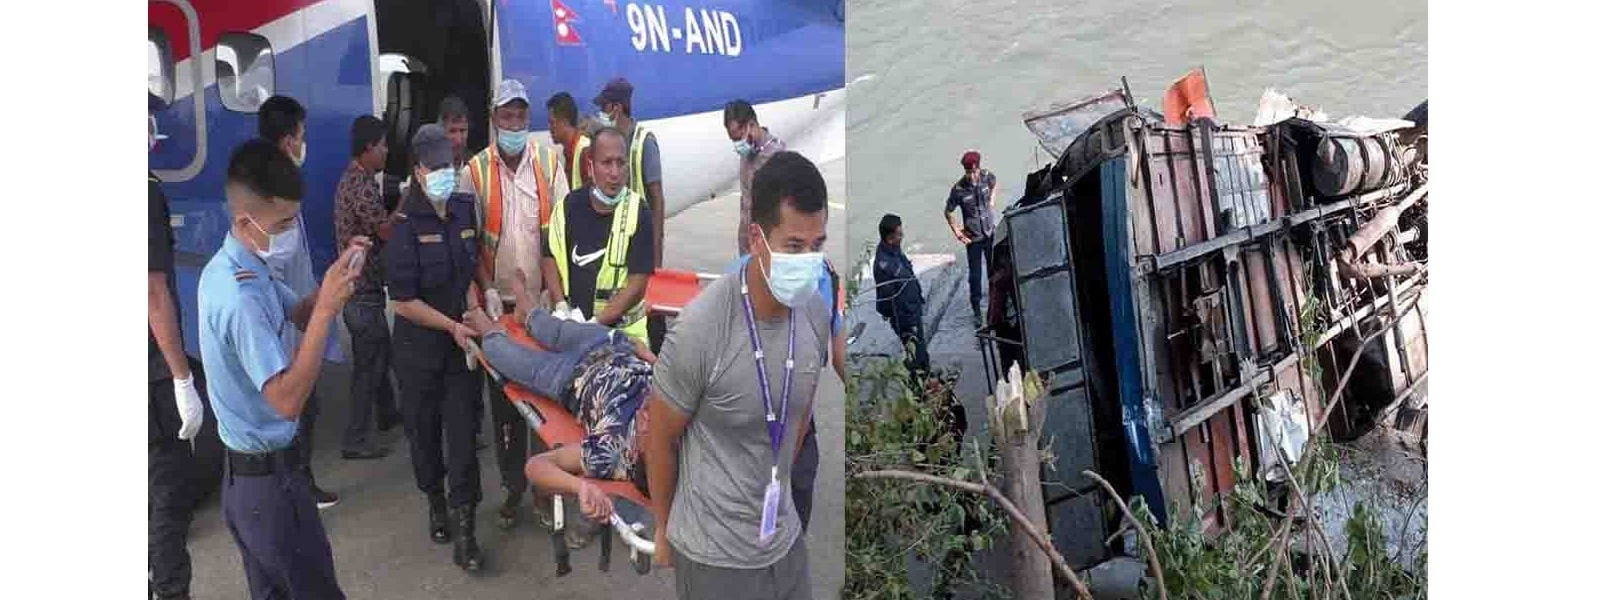 நேபாளத்தில் பஸ் கவிழ்ந்து விபத்து: 32 பேர் பலி